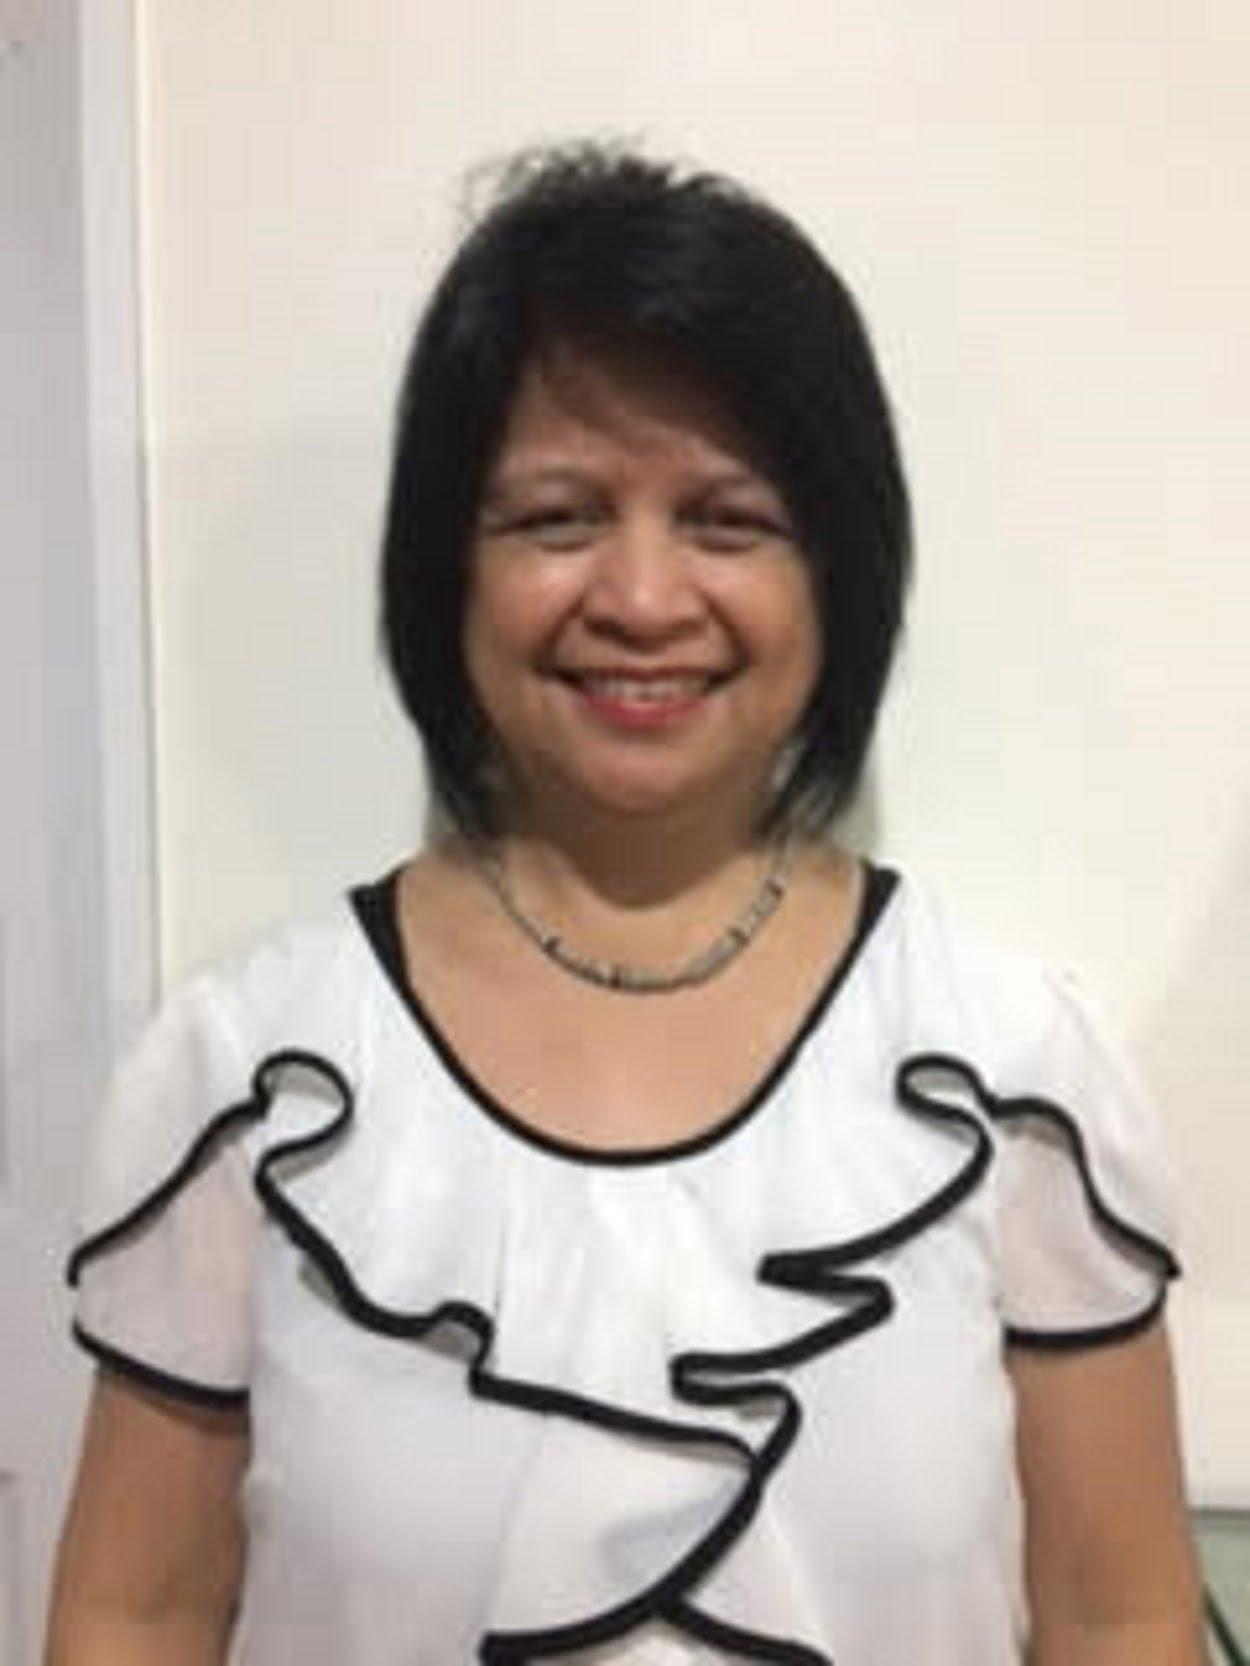 Dr. Zita Descalzo